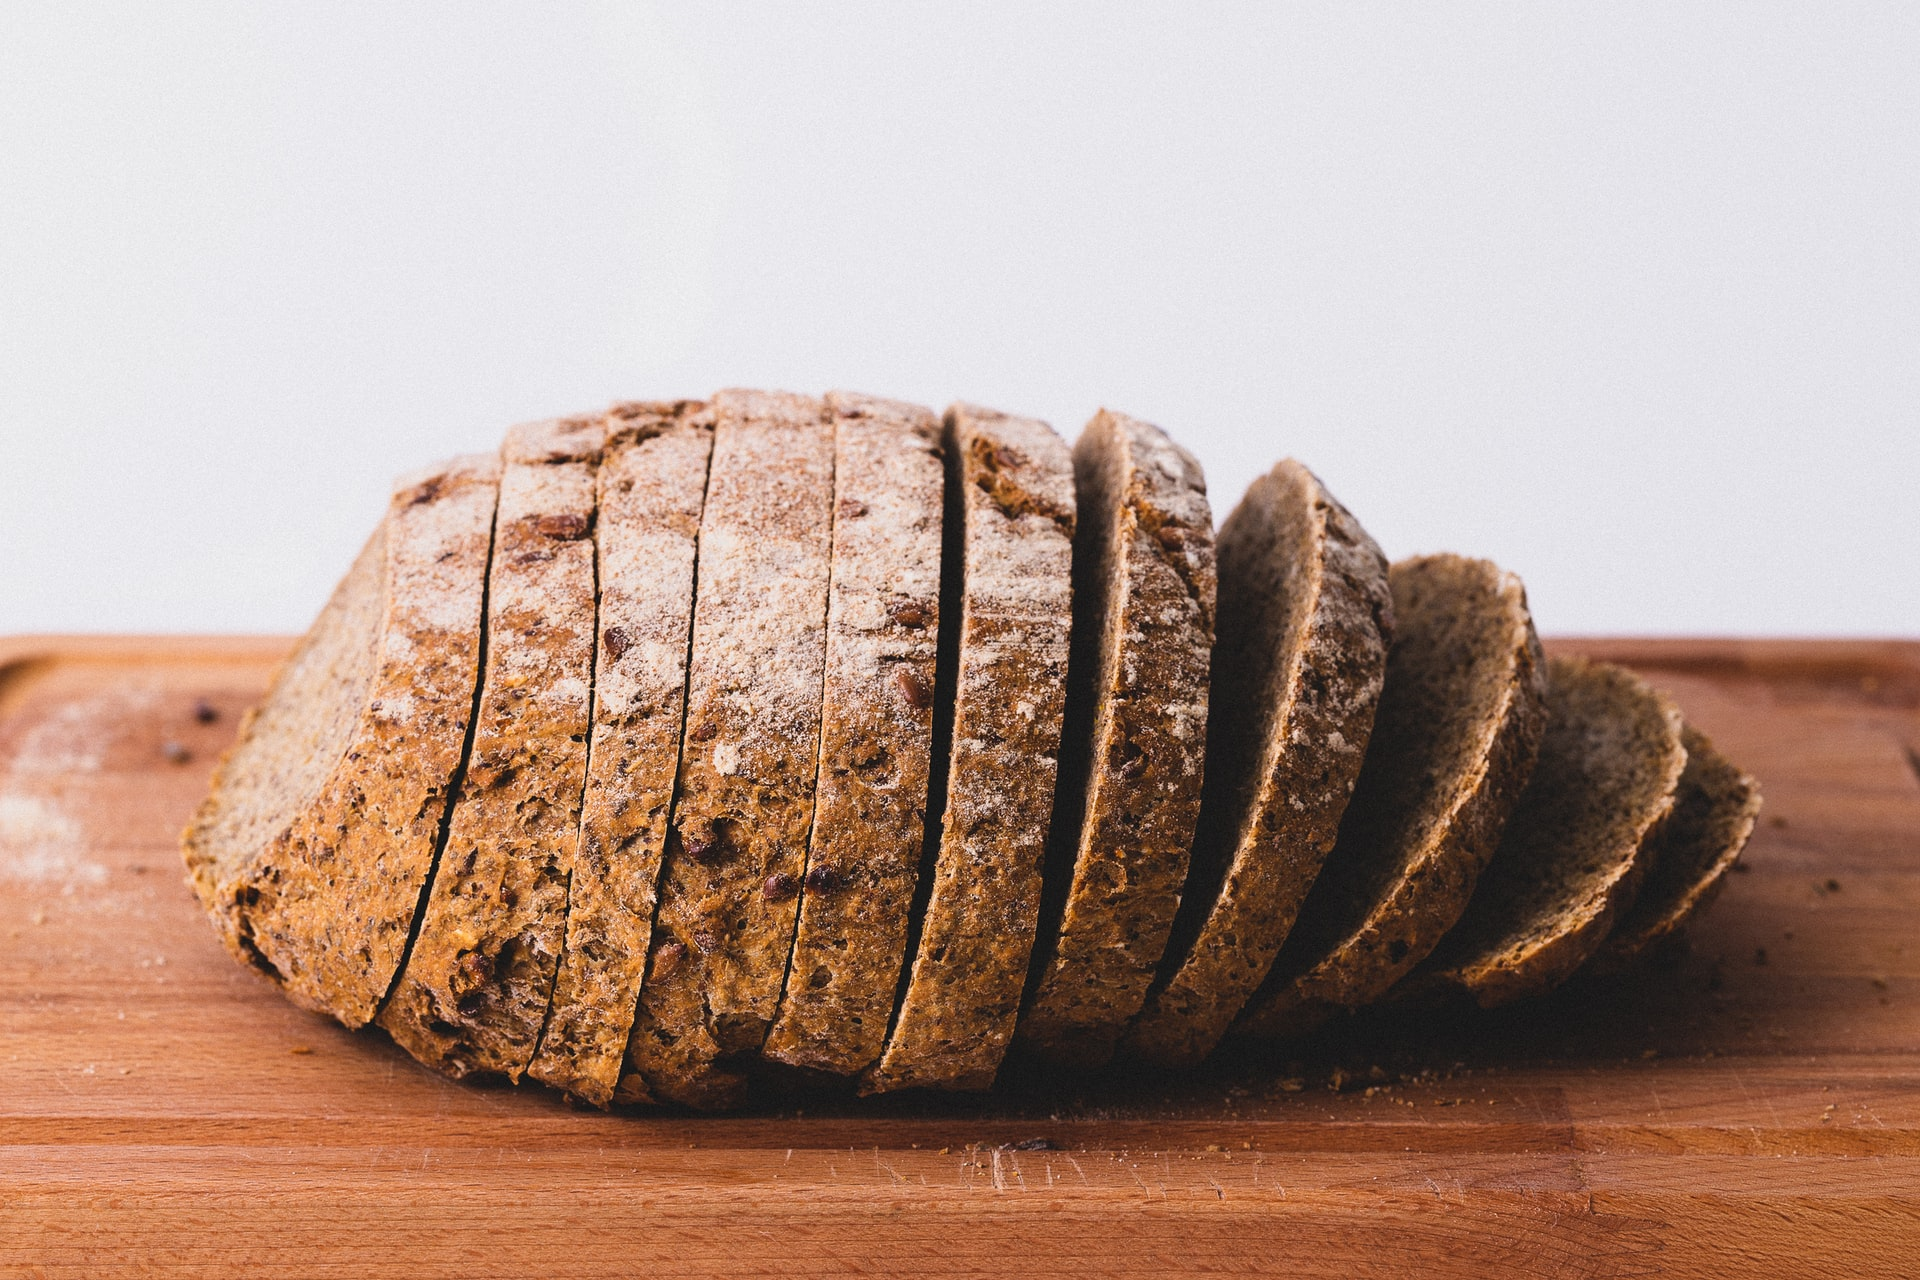 Dlaczego chleb się kruszy?